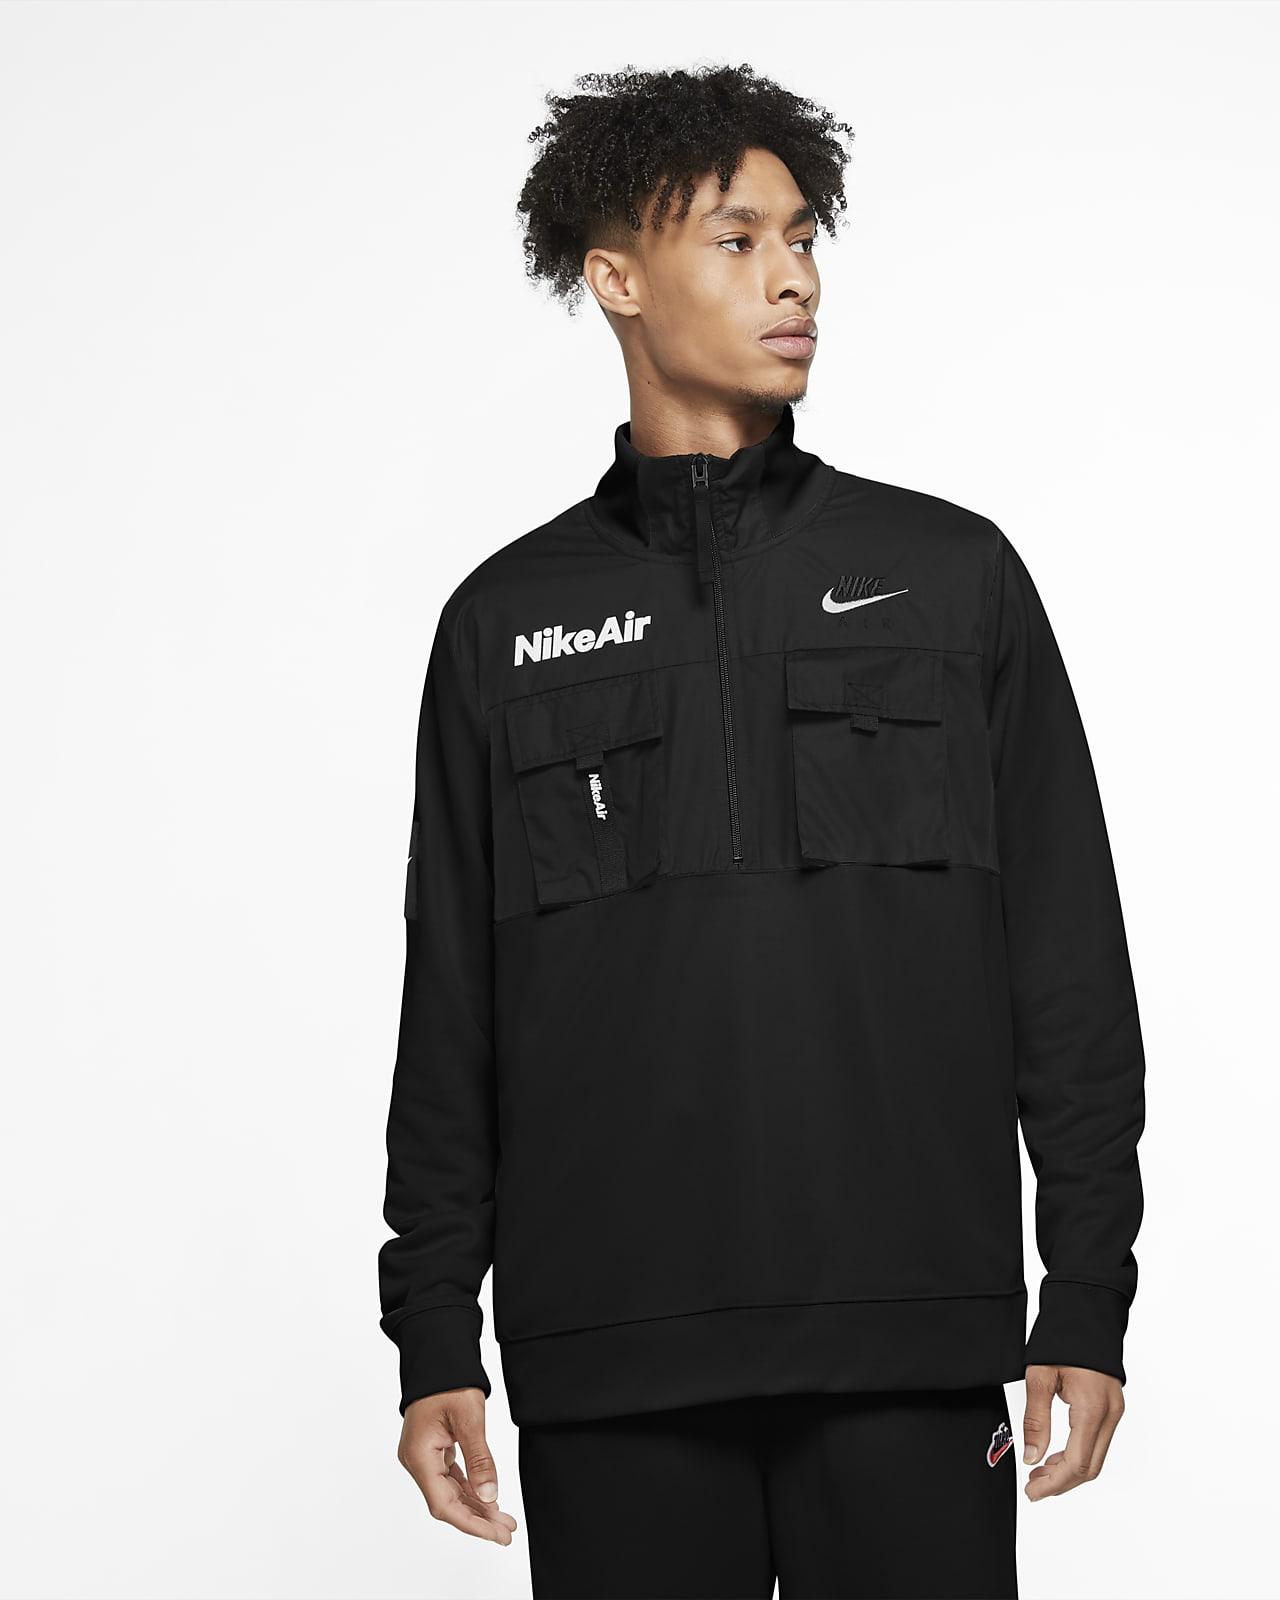 Pánská bunda Nike Air spolovičním zipem